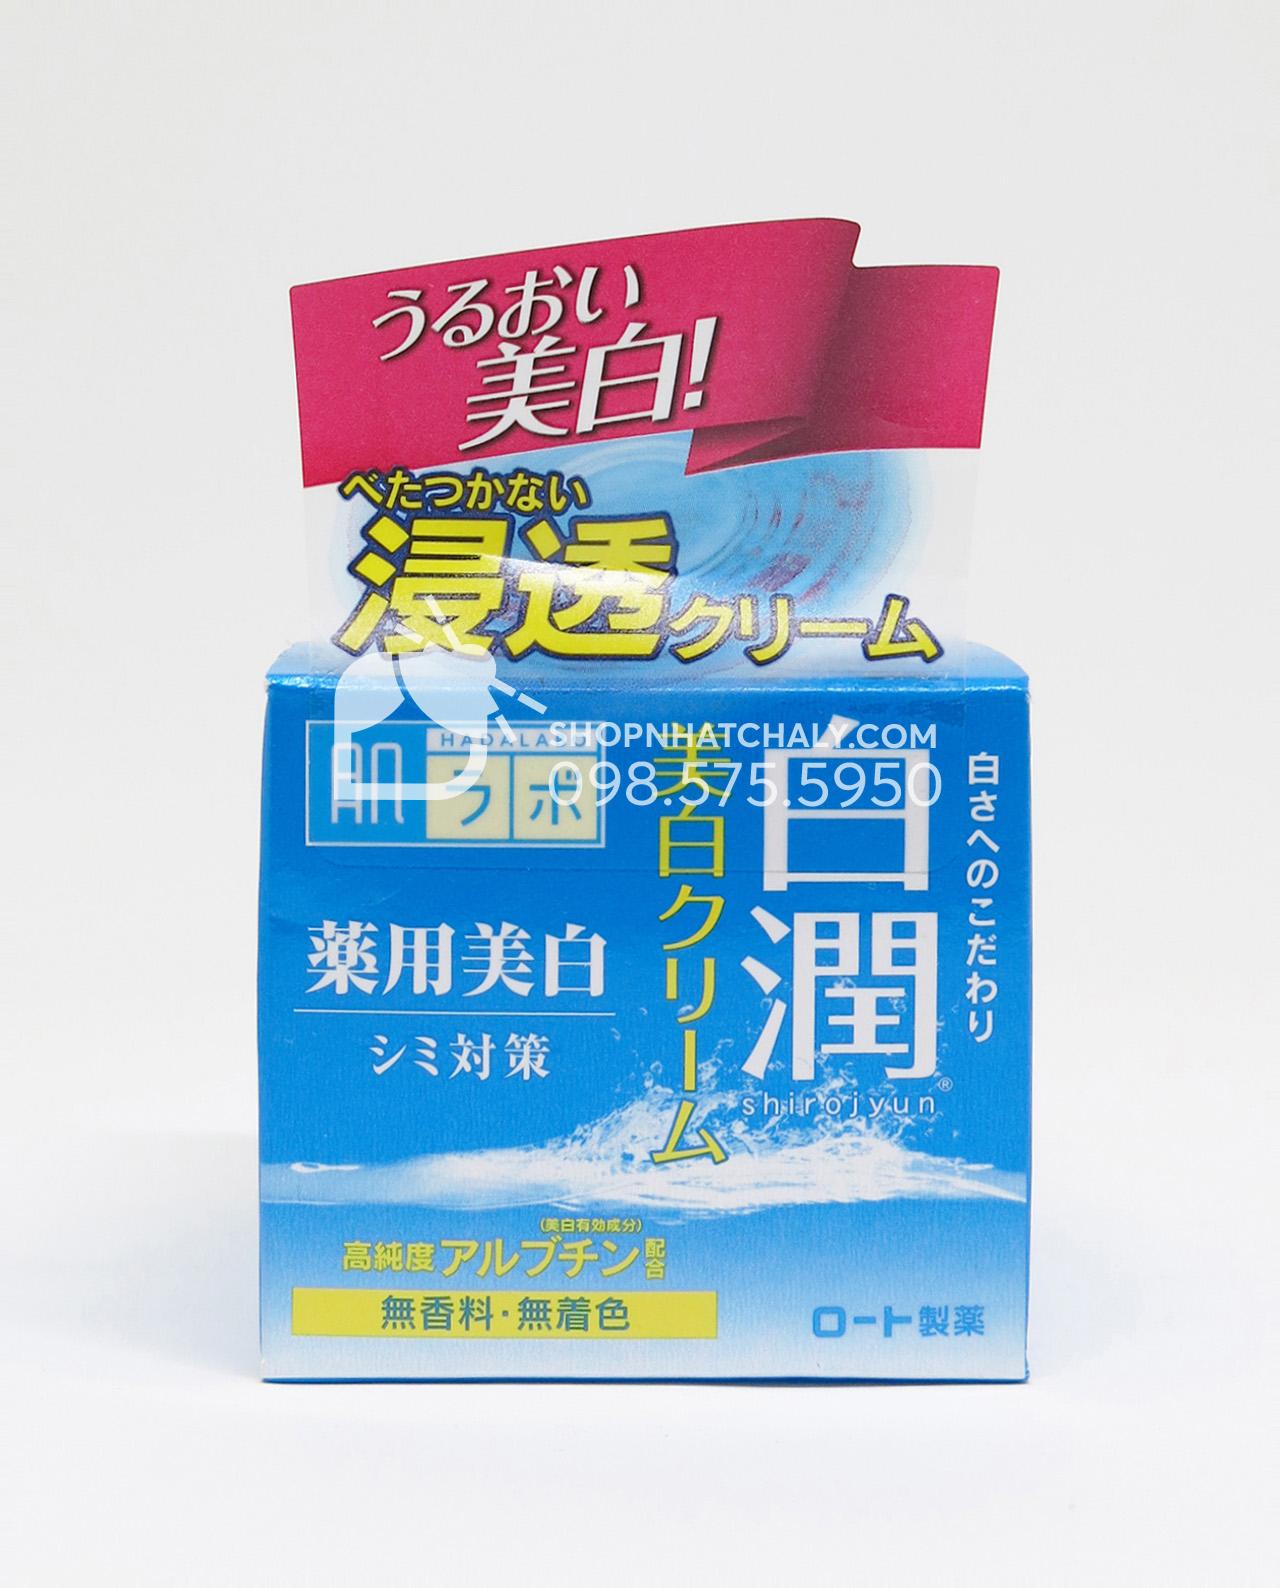 Kem dưỡng trắng da Hada Labo Shirojyun 50gr